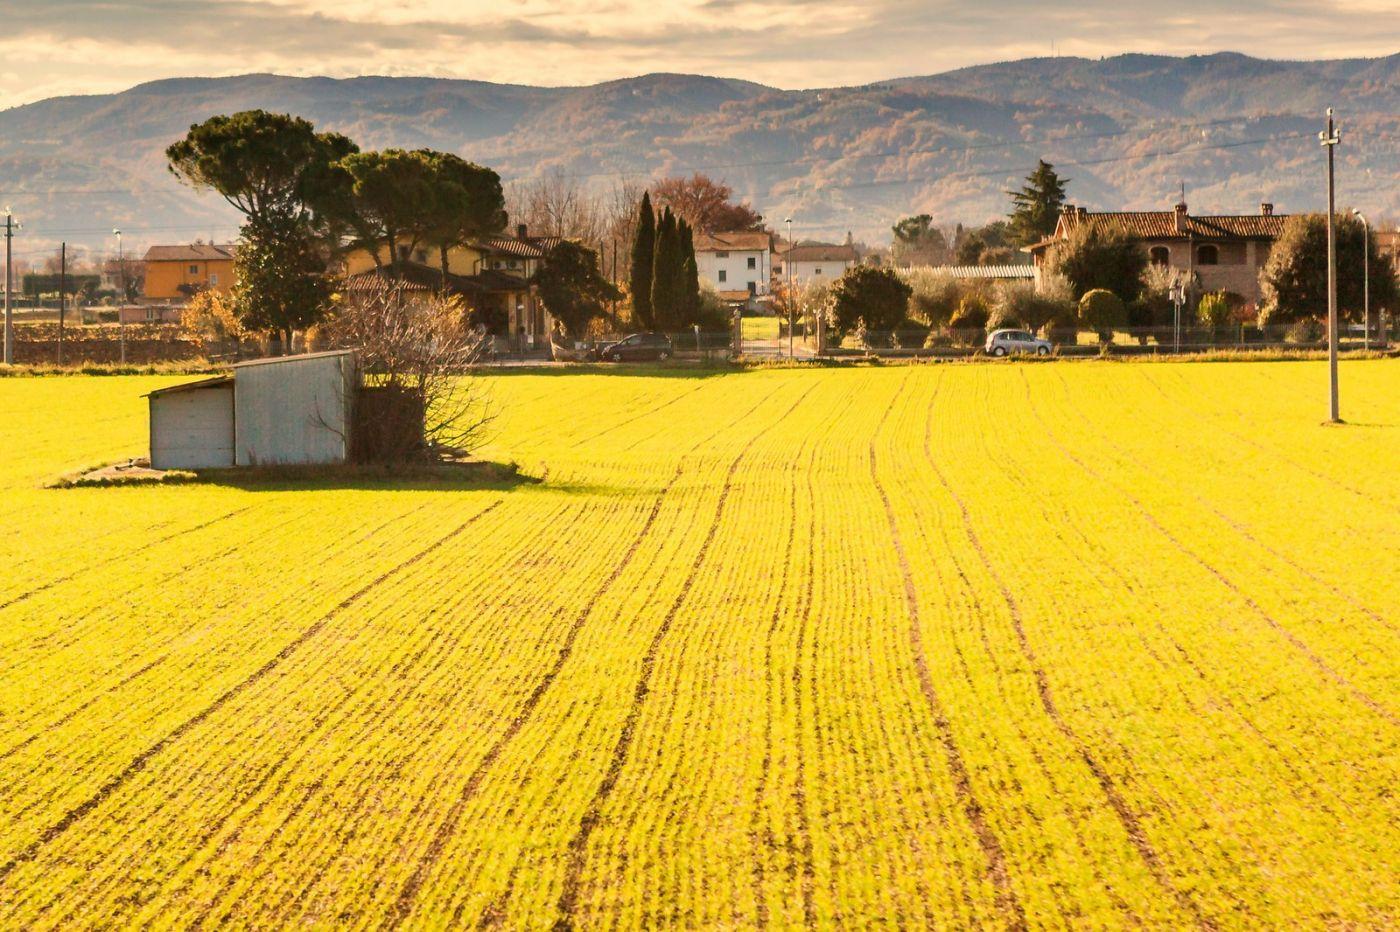 意大利路途,这就是乡村生活?_图1-31